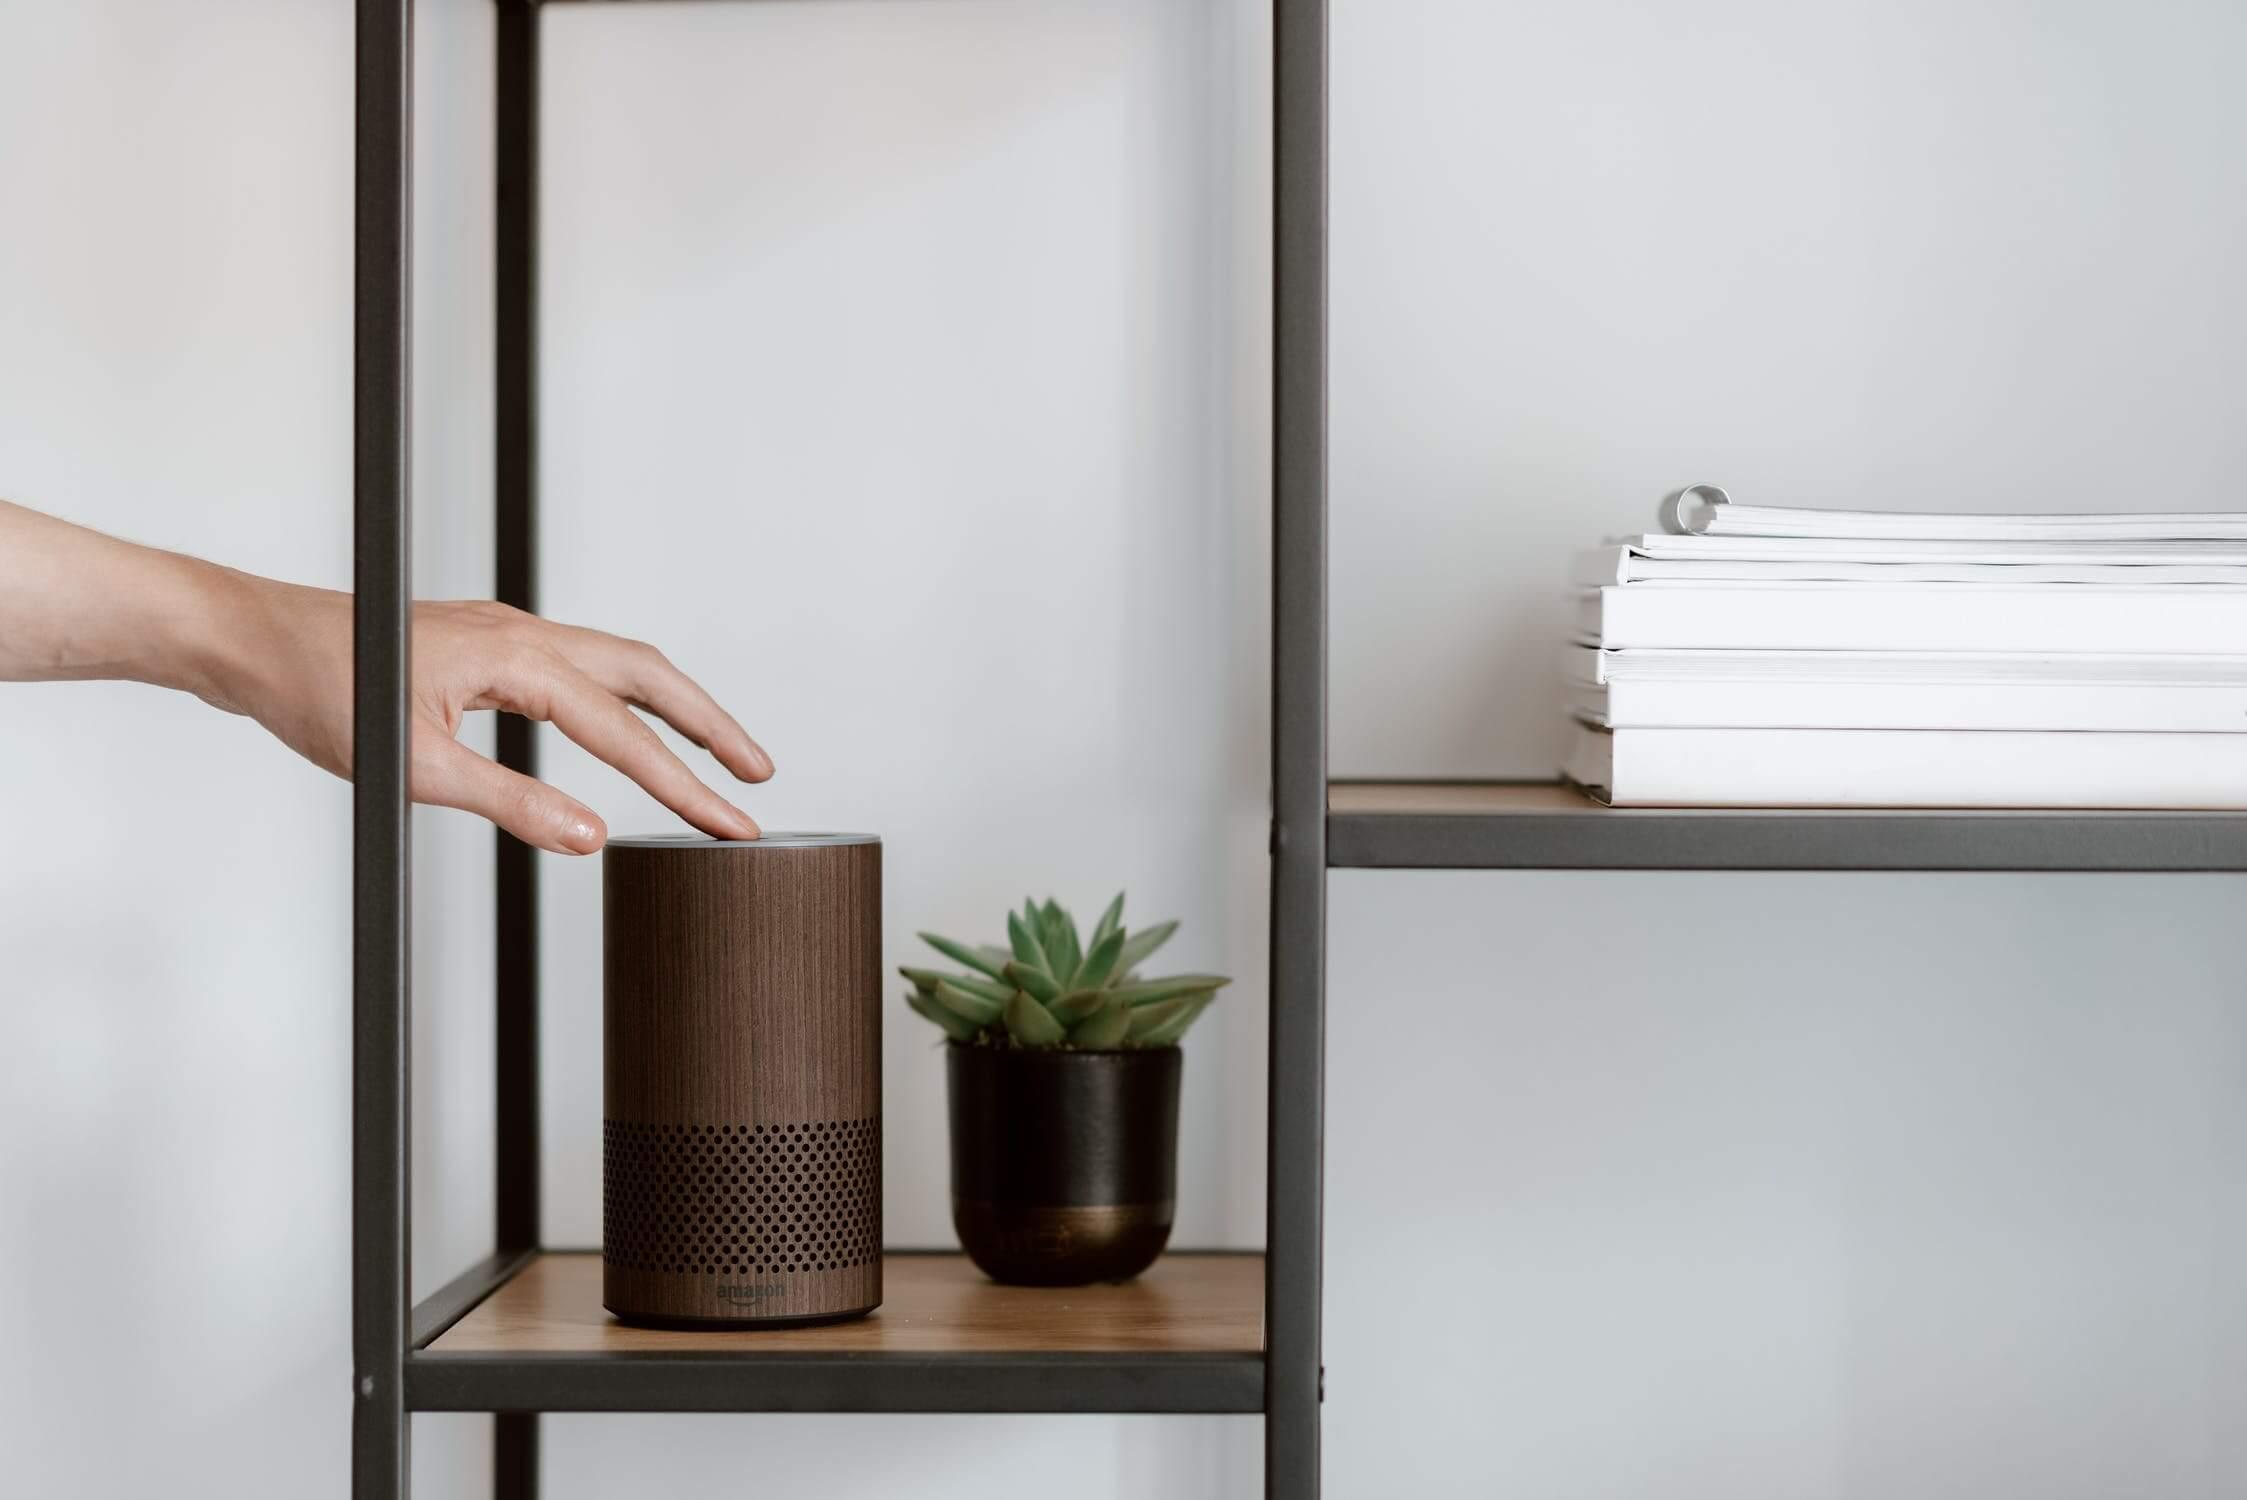 Tecnología de activación por voz, para aumentar el confort y el bienestar en el hogar. #AnaUtrillainteriorismoonline #Diseñohogaresconecanto